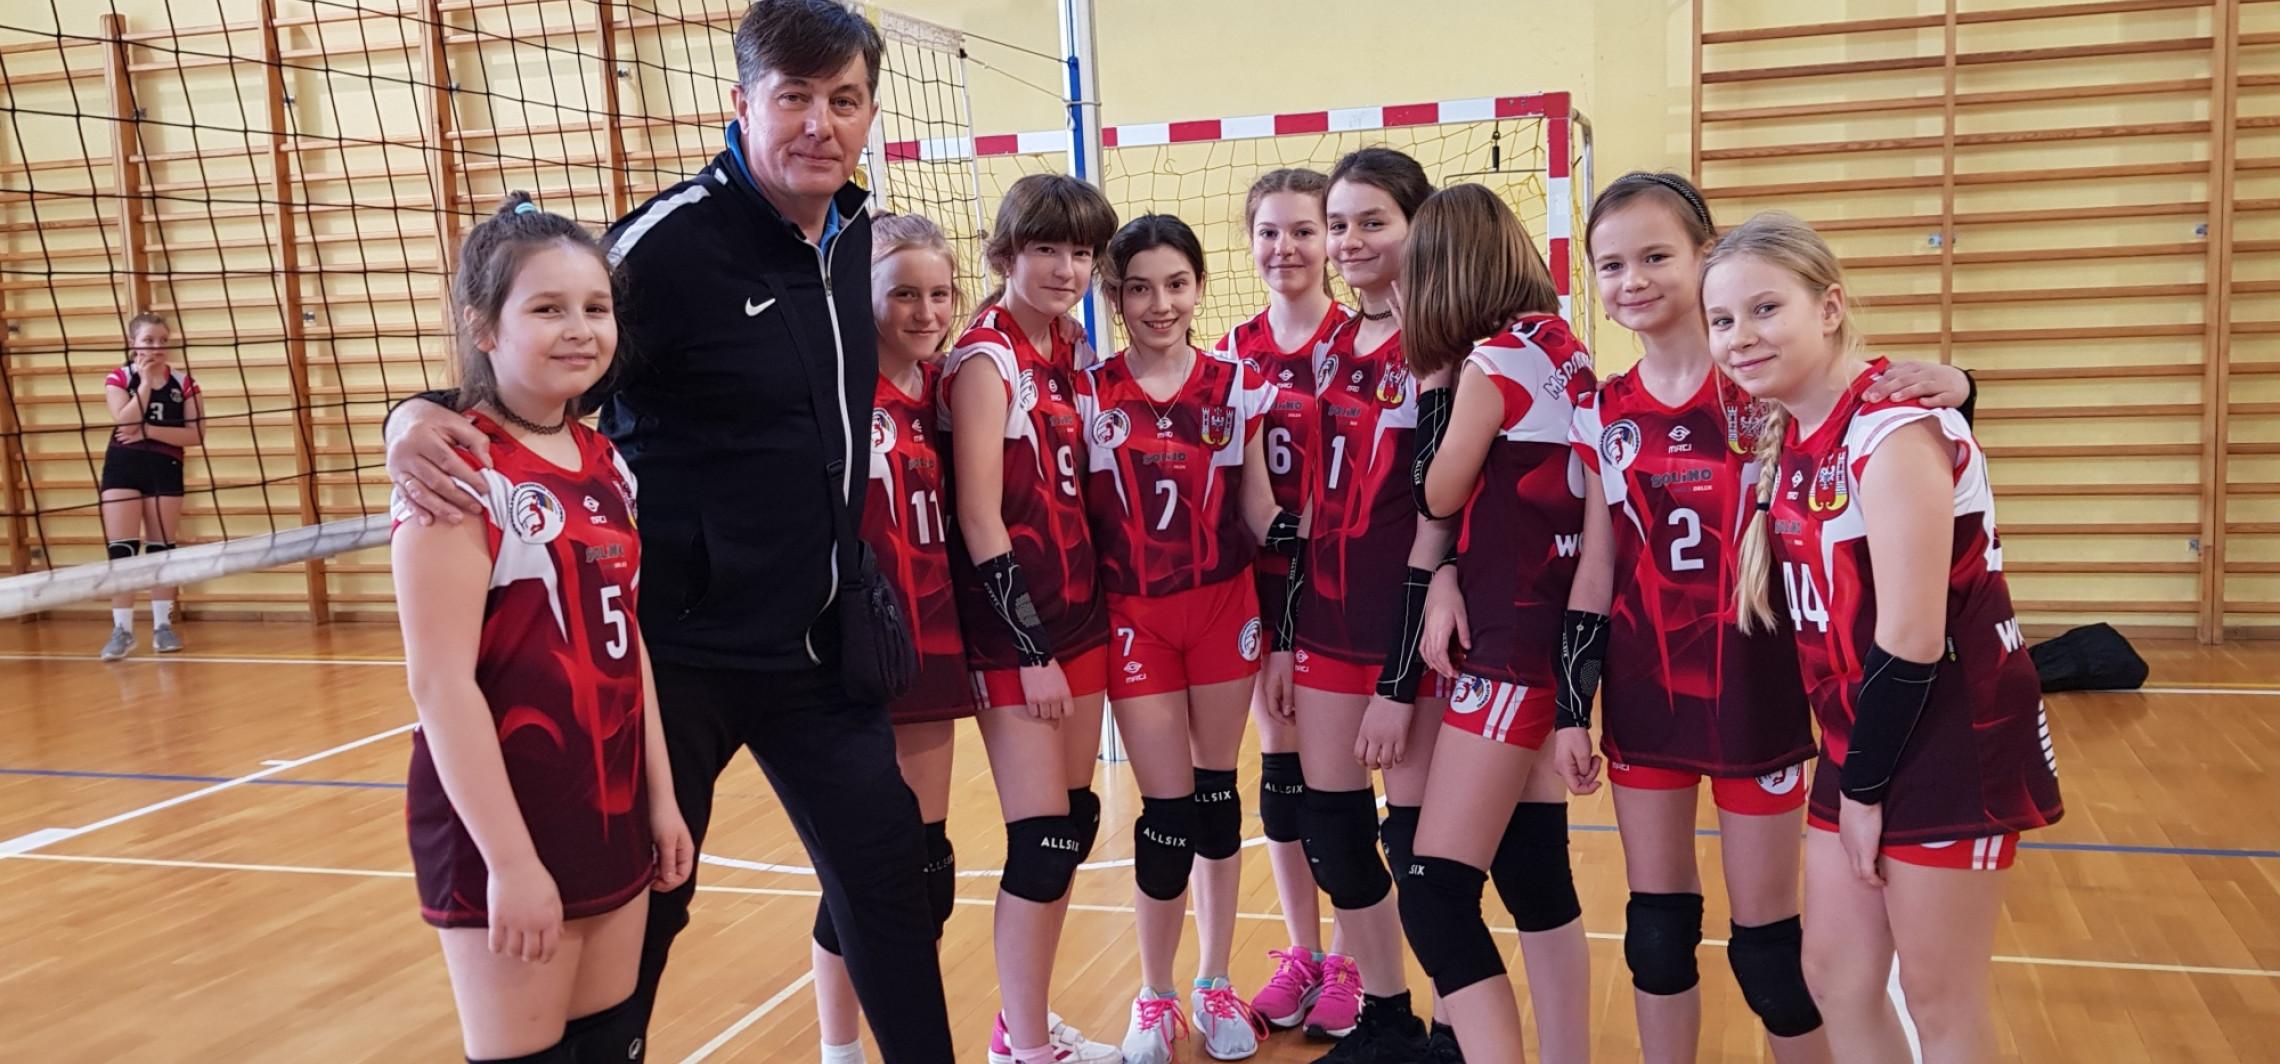 Inowrocław - Świetny występ młodych siatkarek z Inowrocławia